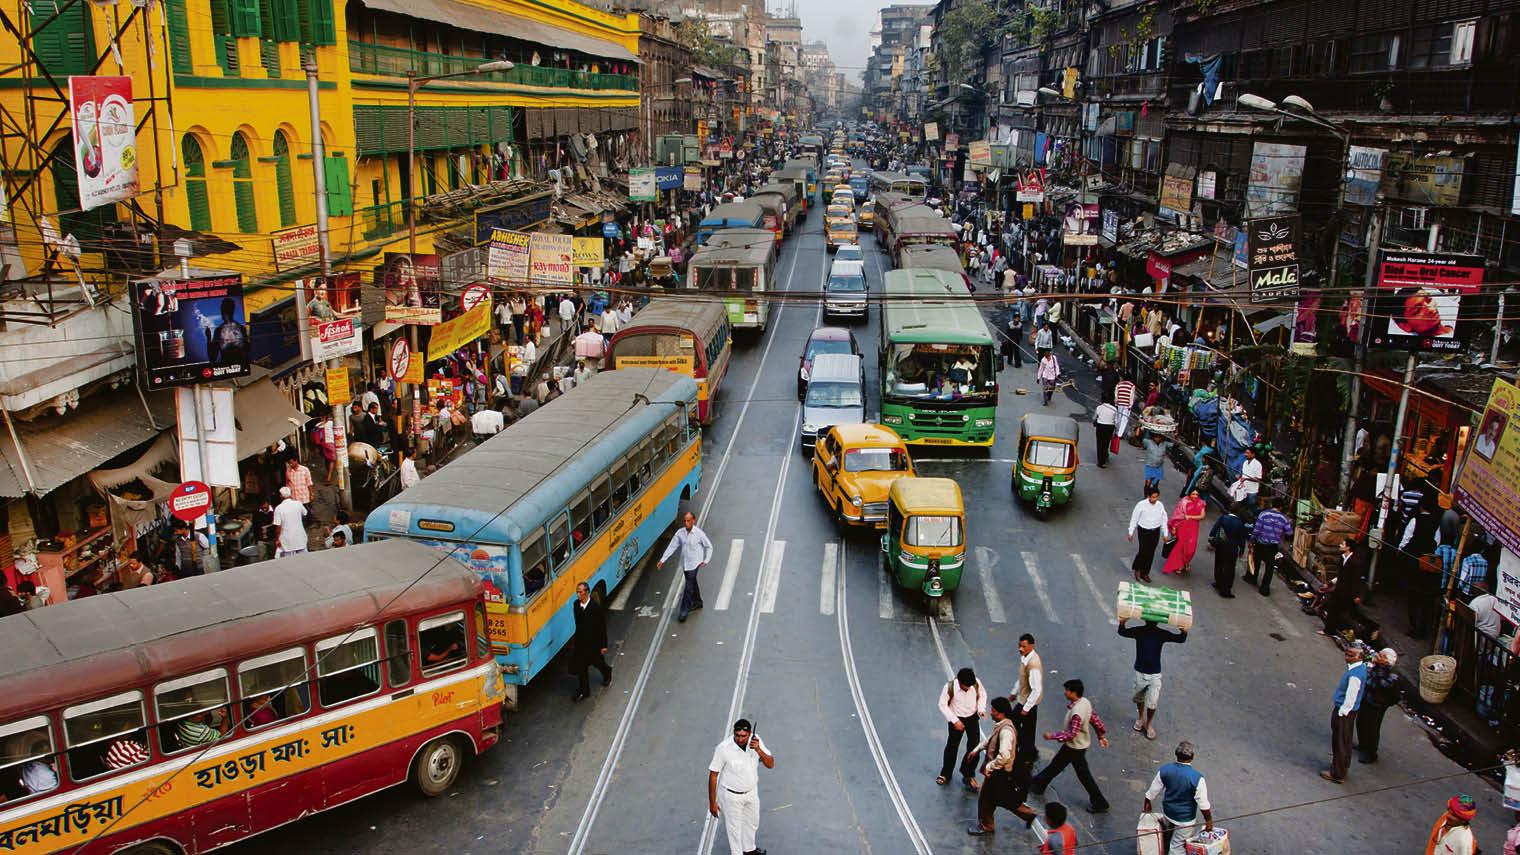 توصیه های پزشکی سفر به هند